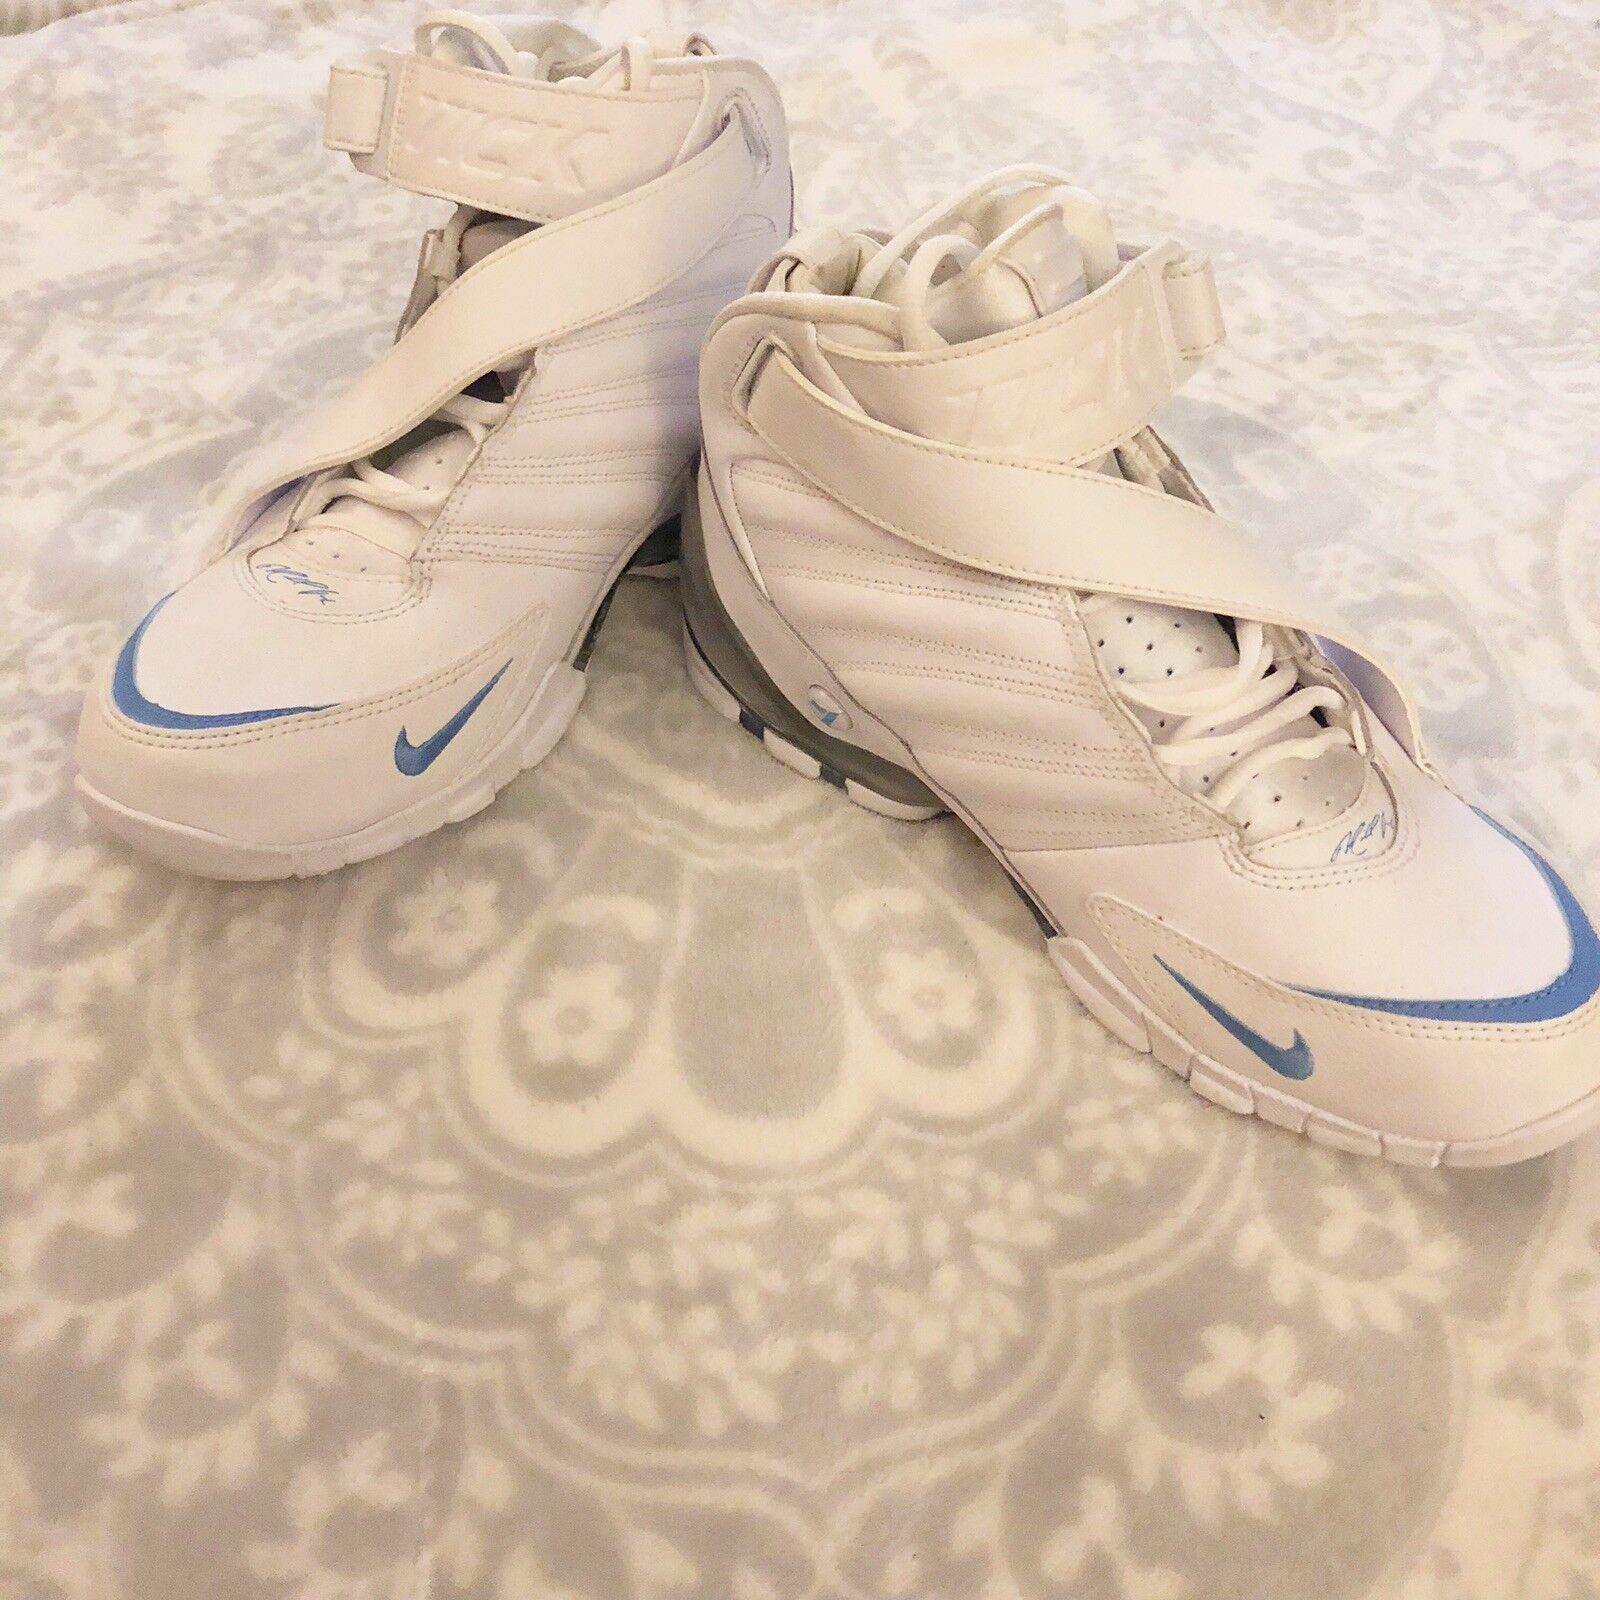 Mens Nike Zoom Air Vick 3 III University bluee NFL Football NEW Sneakers 8.5